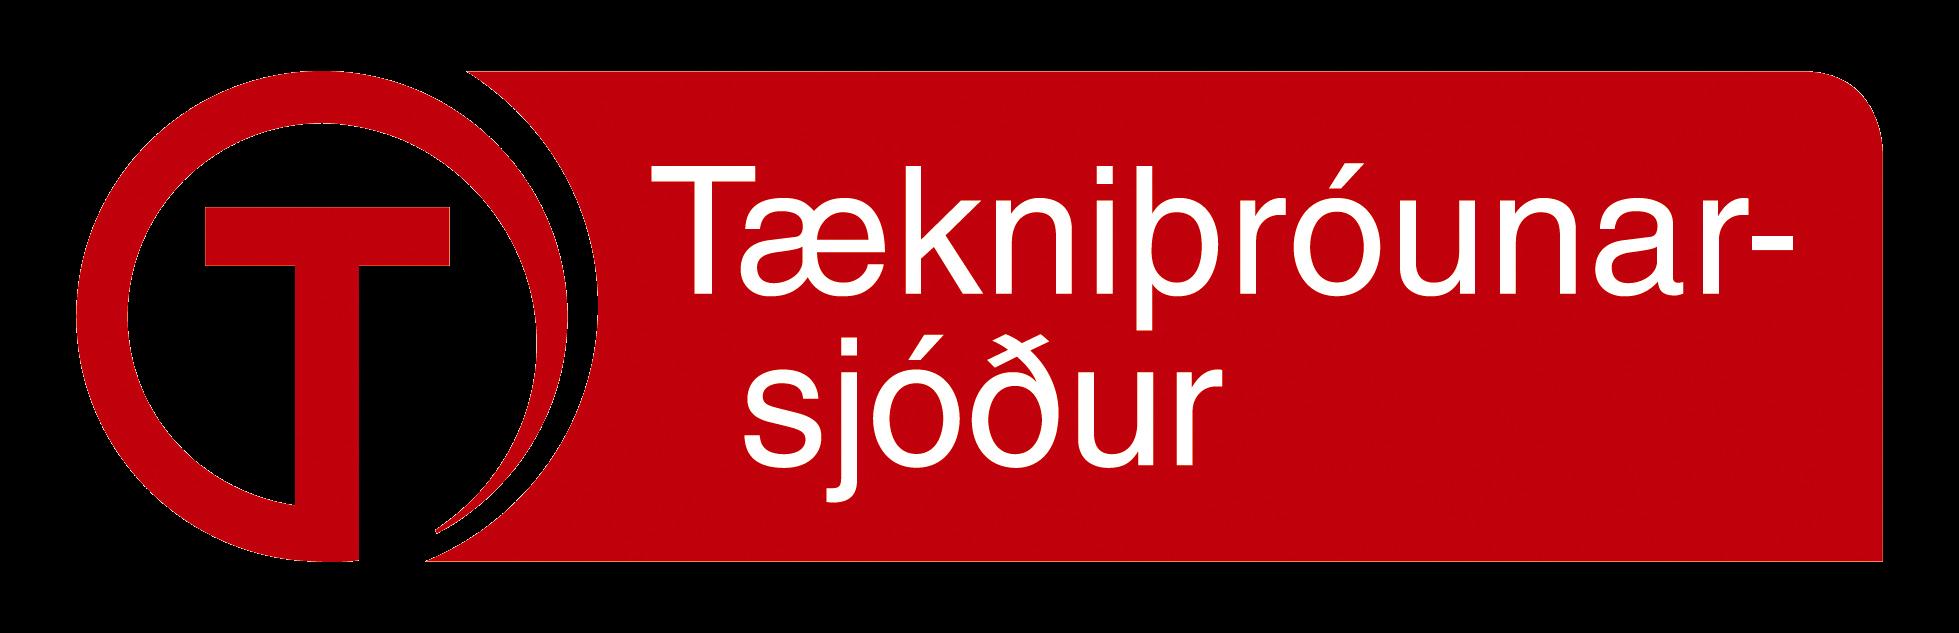 Taekniprounarsjodur islands